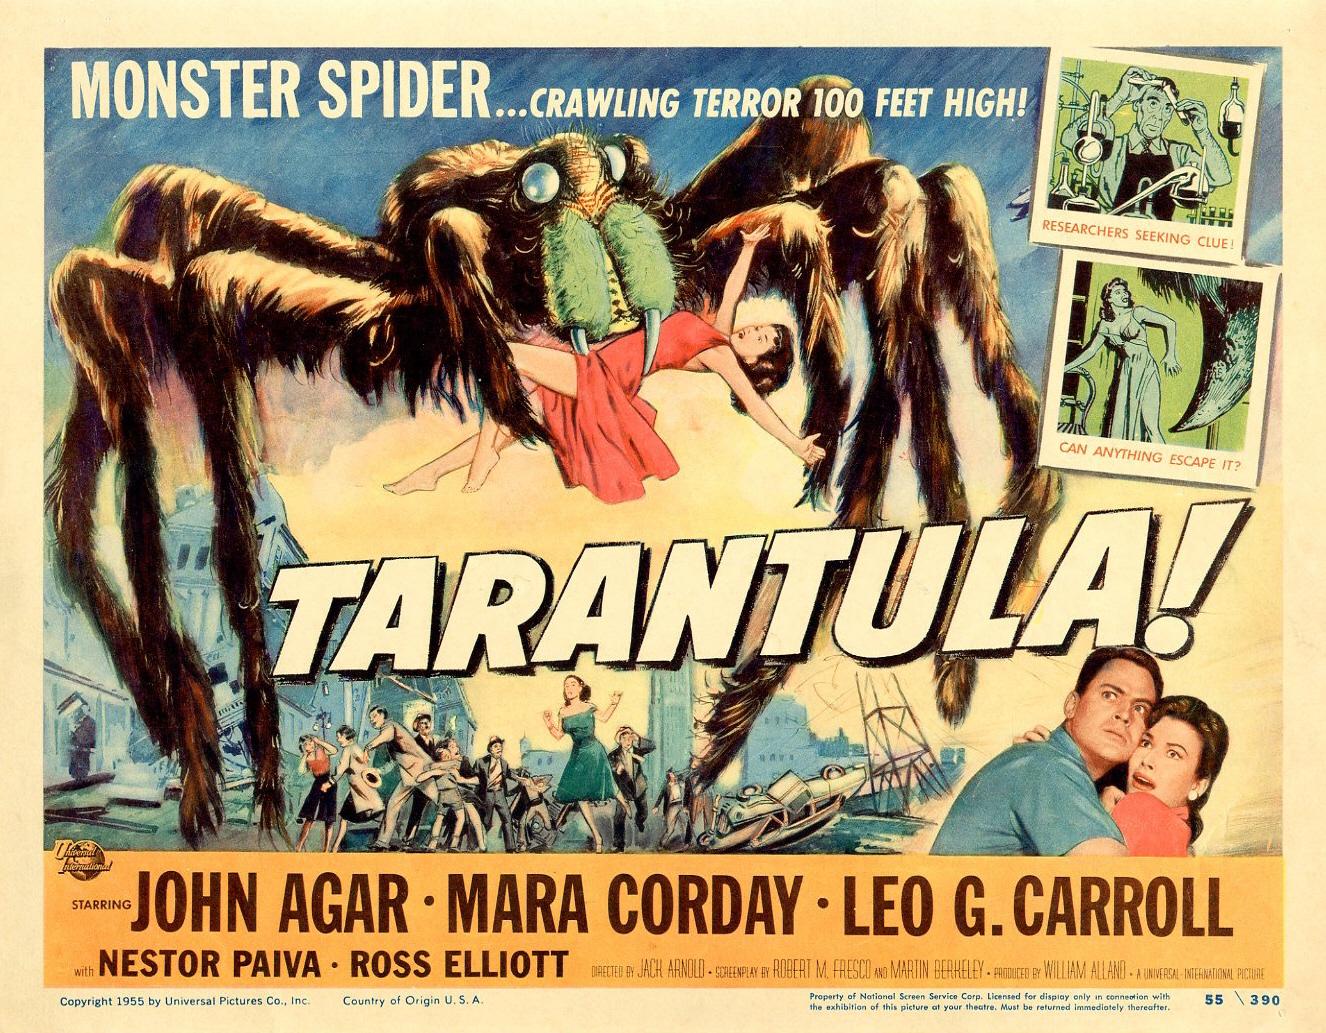 Tarantula (Filmposter 1955)